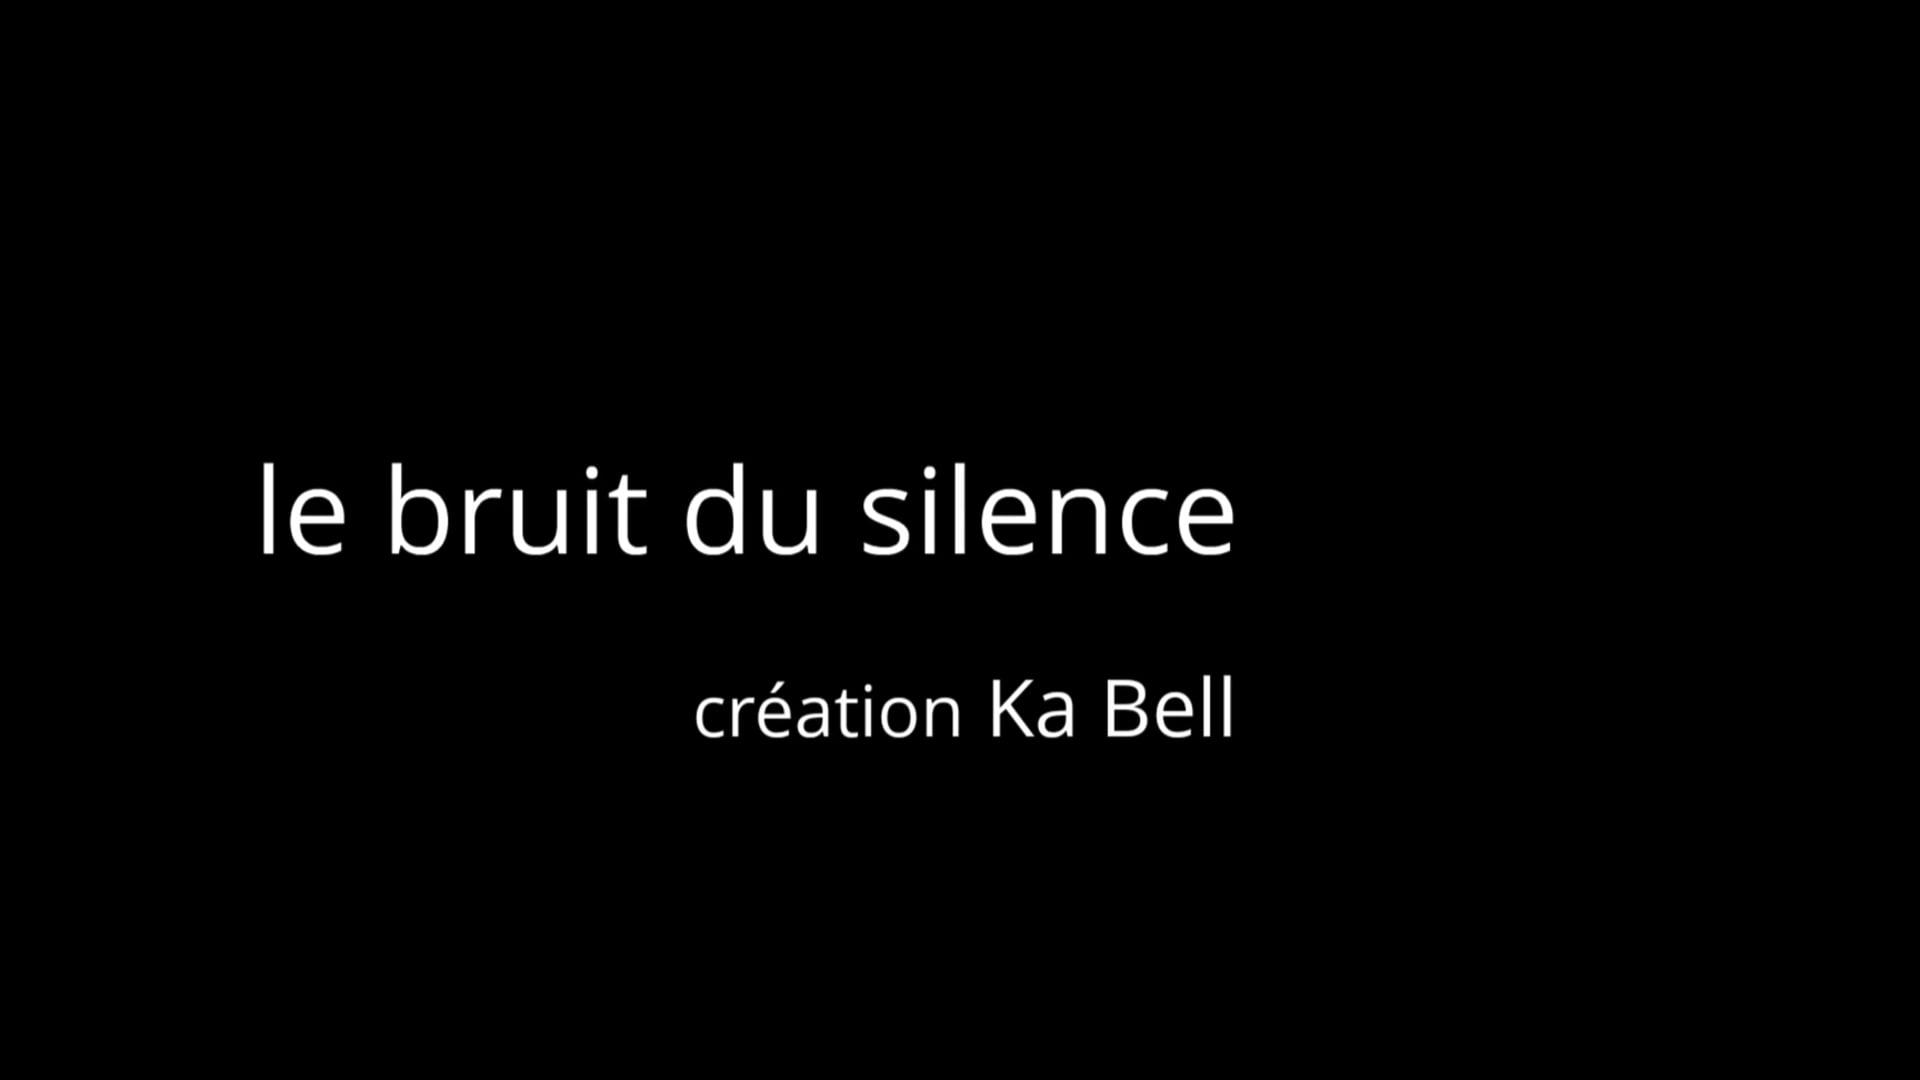 Le bruit du silence by Ka Bell